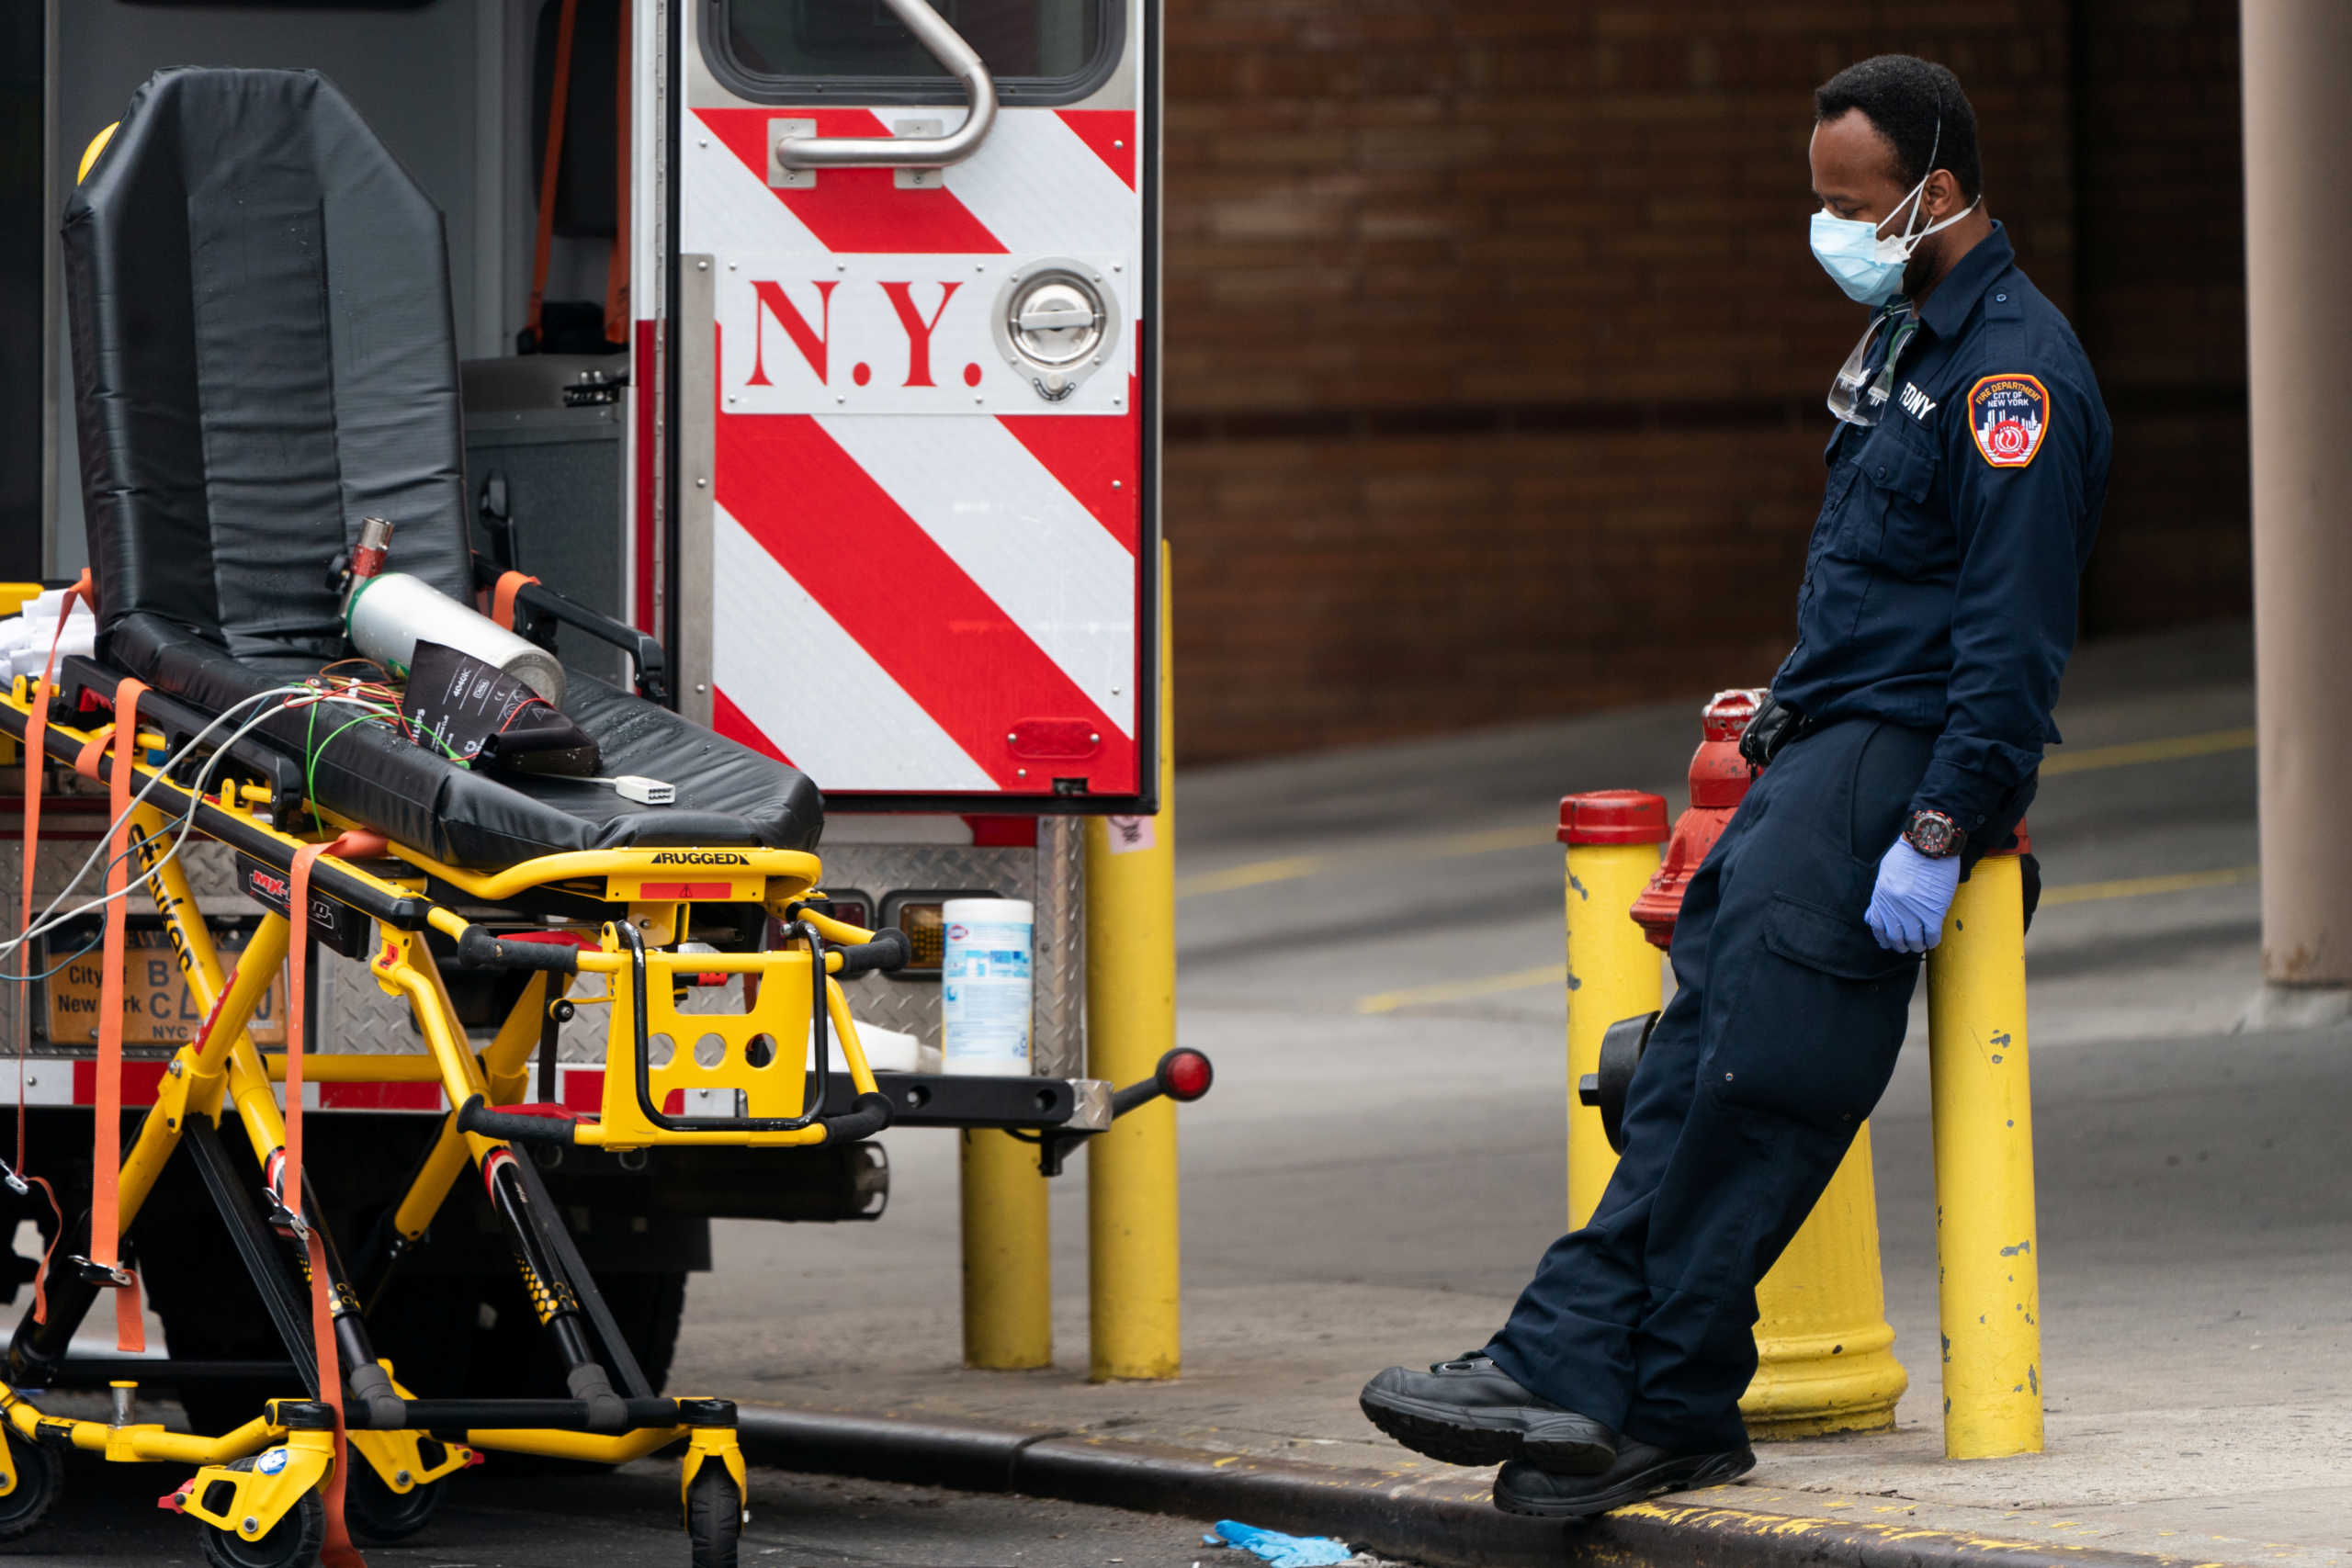 Καλπάζει ο κορονοϊός στις ΗΠΑ: πάνω από 1.200 νεκροί σε ένα 24ωρο